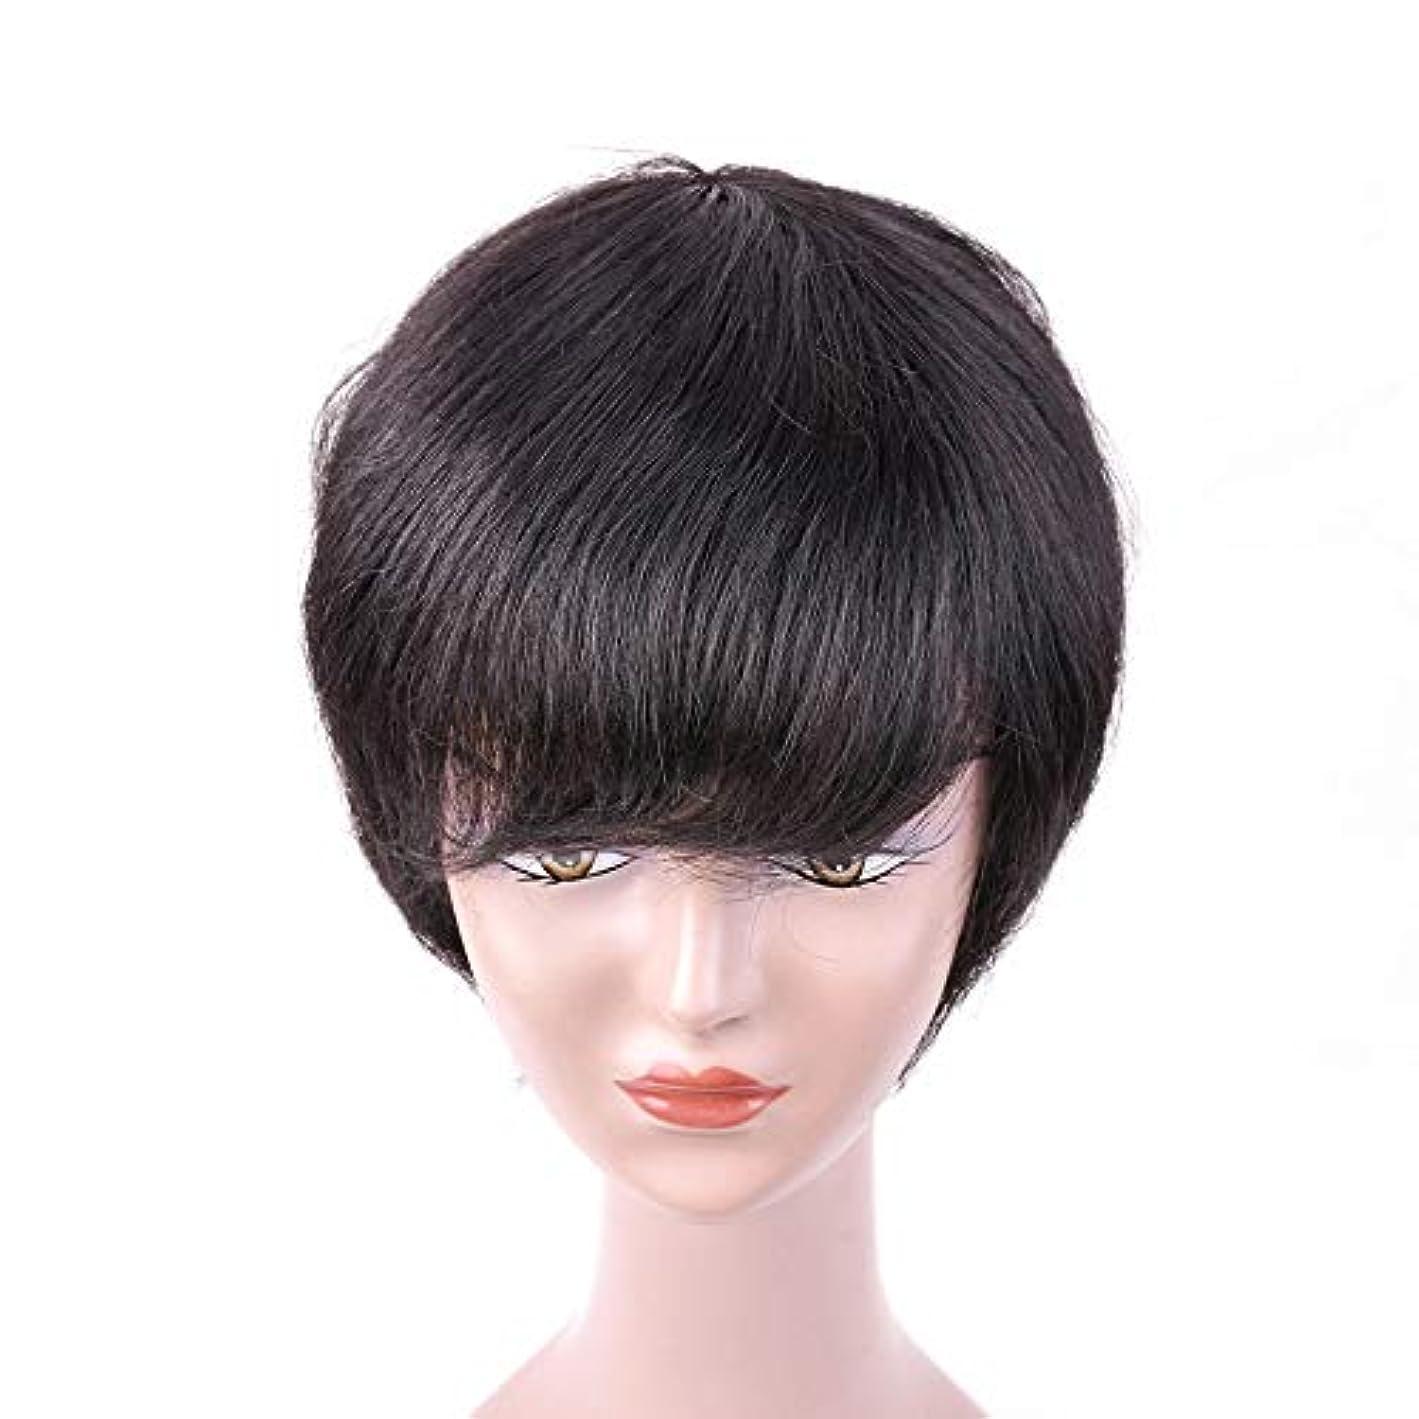 後ろにブラウザ吹きさらしYOUQIU 黒人女性ウィッグ100%人毛ショートわずかカーリーウィッグ黒ショートヘアウィッグ (色 : 黒, サイズ : 6inch)